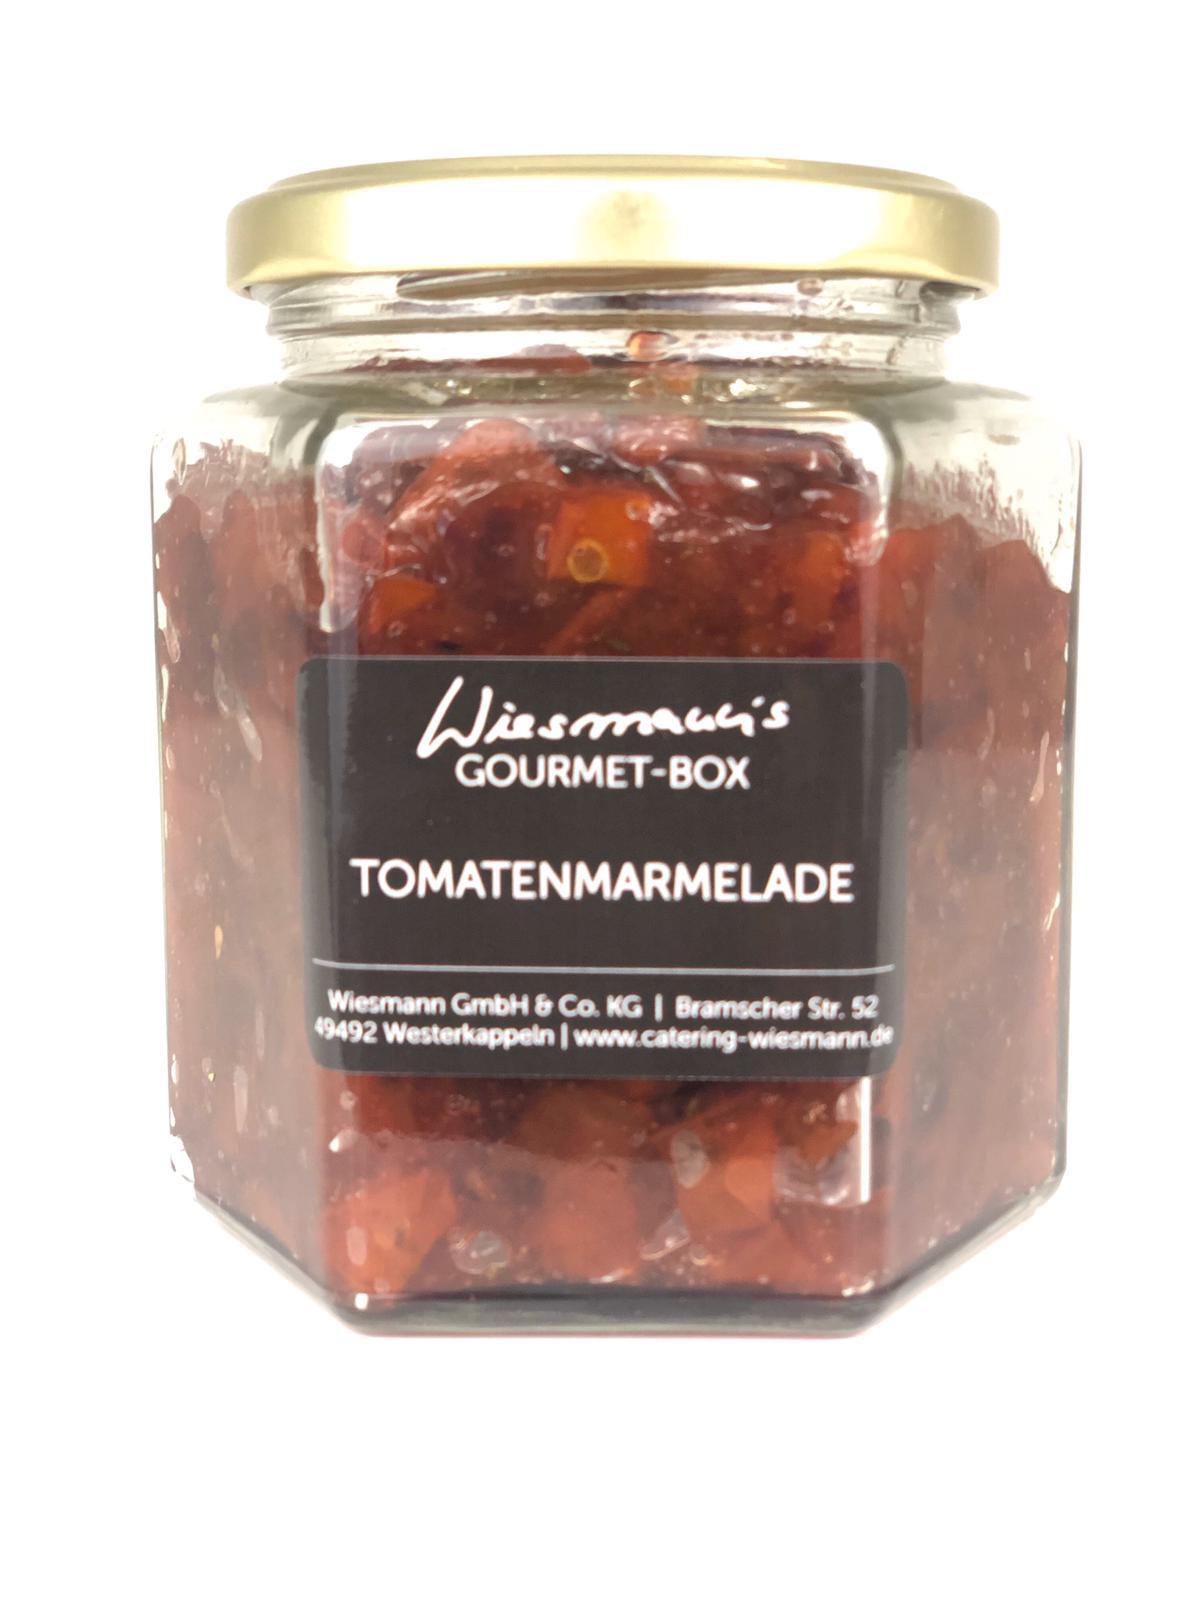 Tomatenmarmelade - handmade